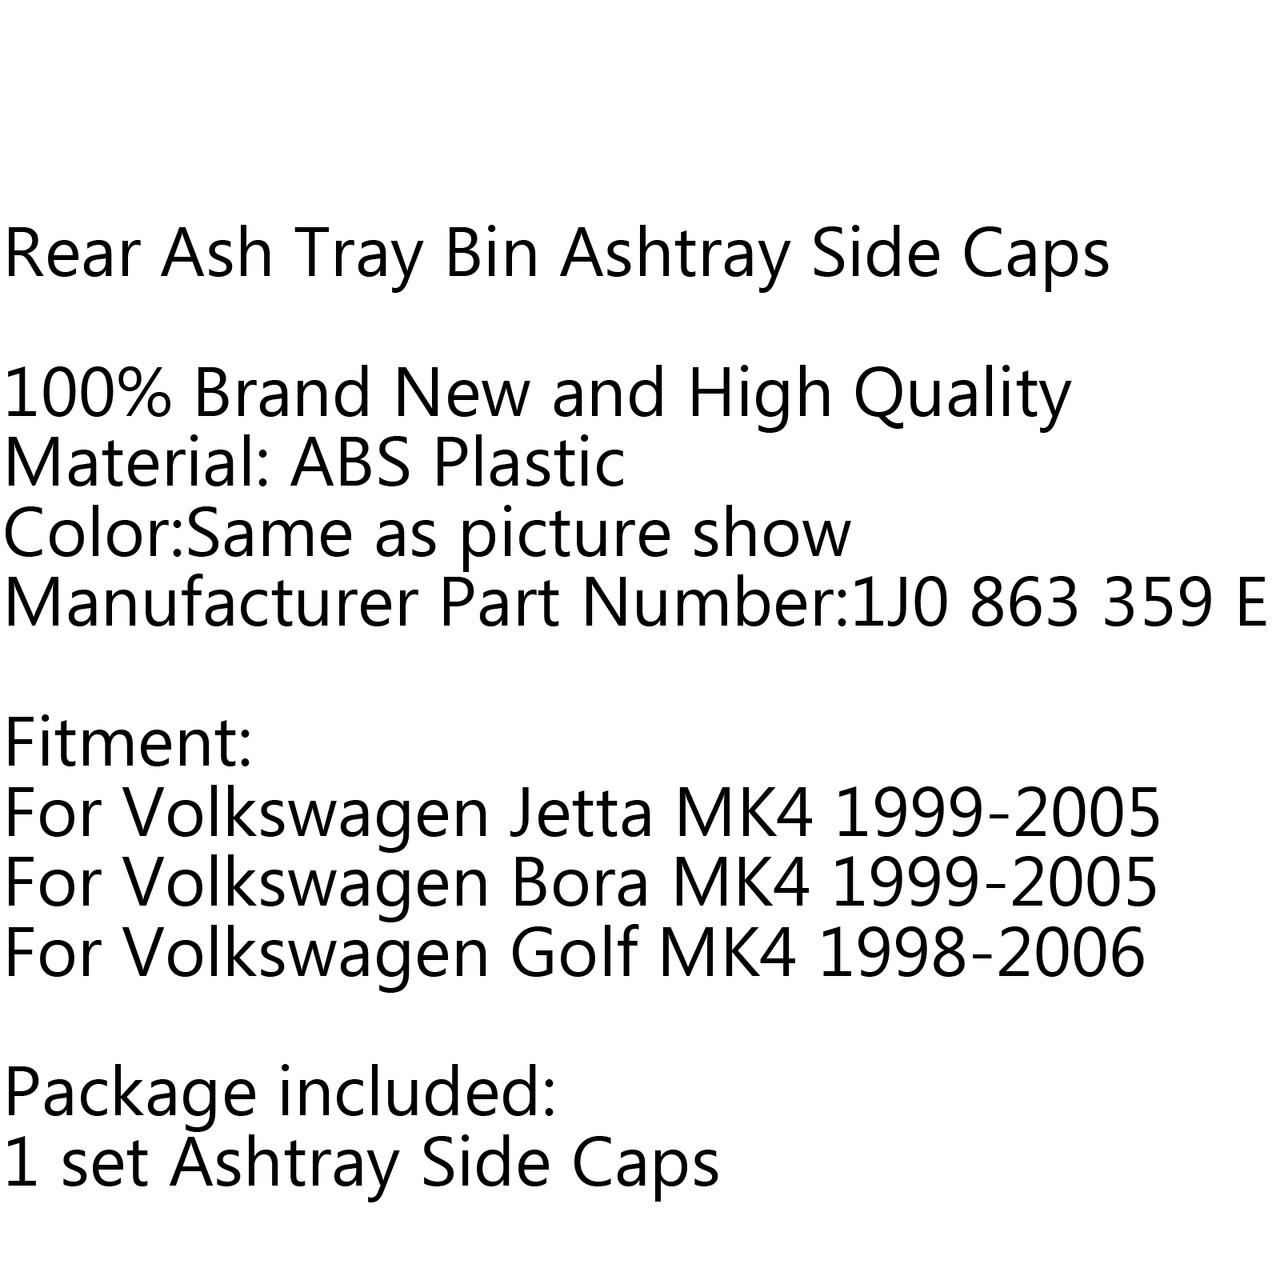 2PCS 1J0 863 359E Car Rear Seat Ash Tray Bin Ashtray Box VW Bora Golf Mk4